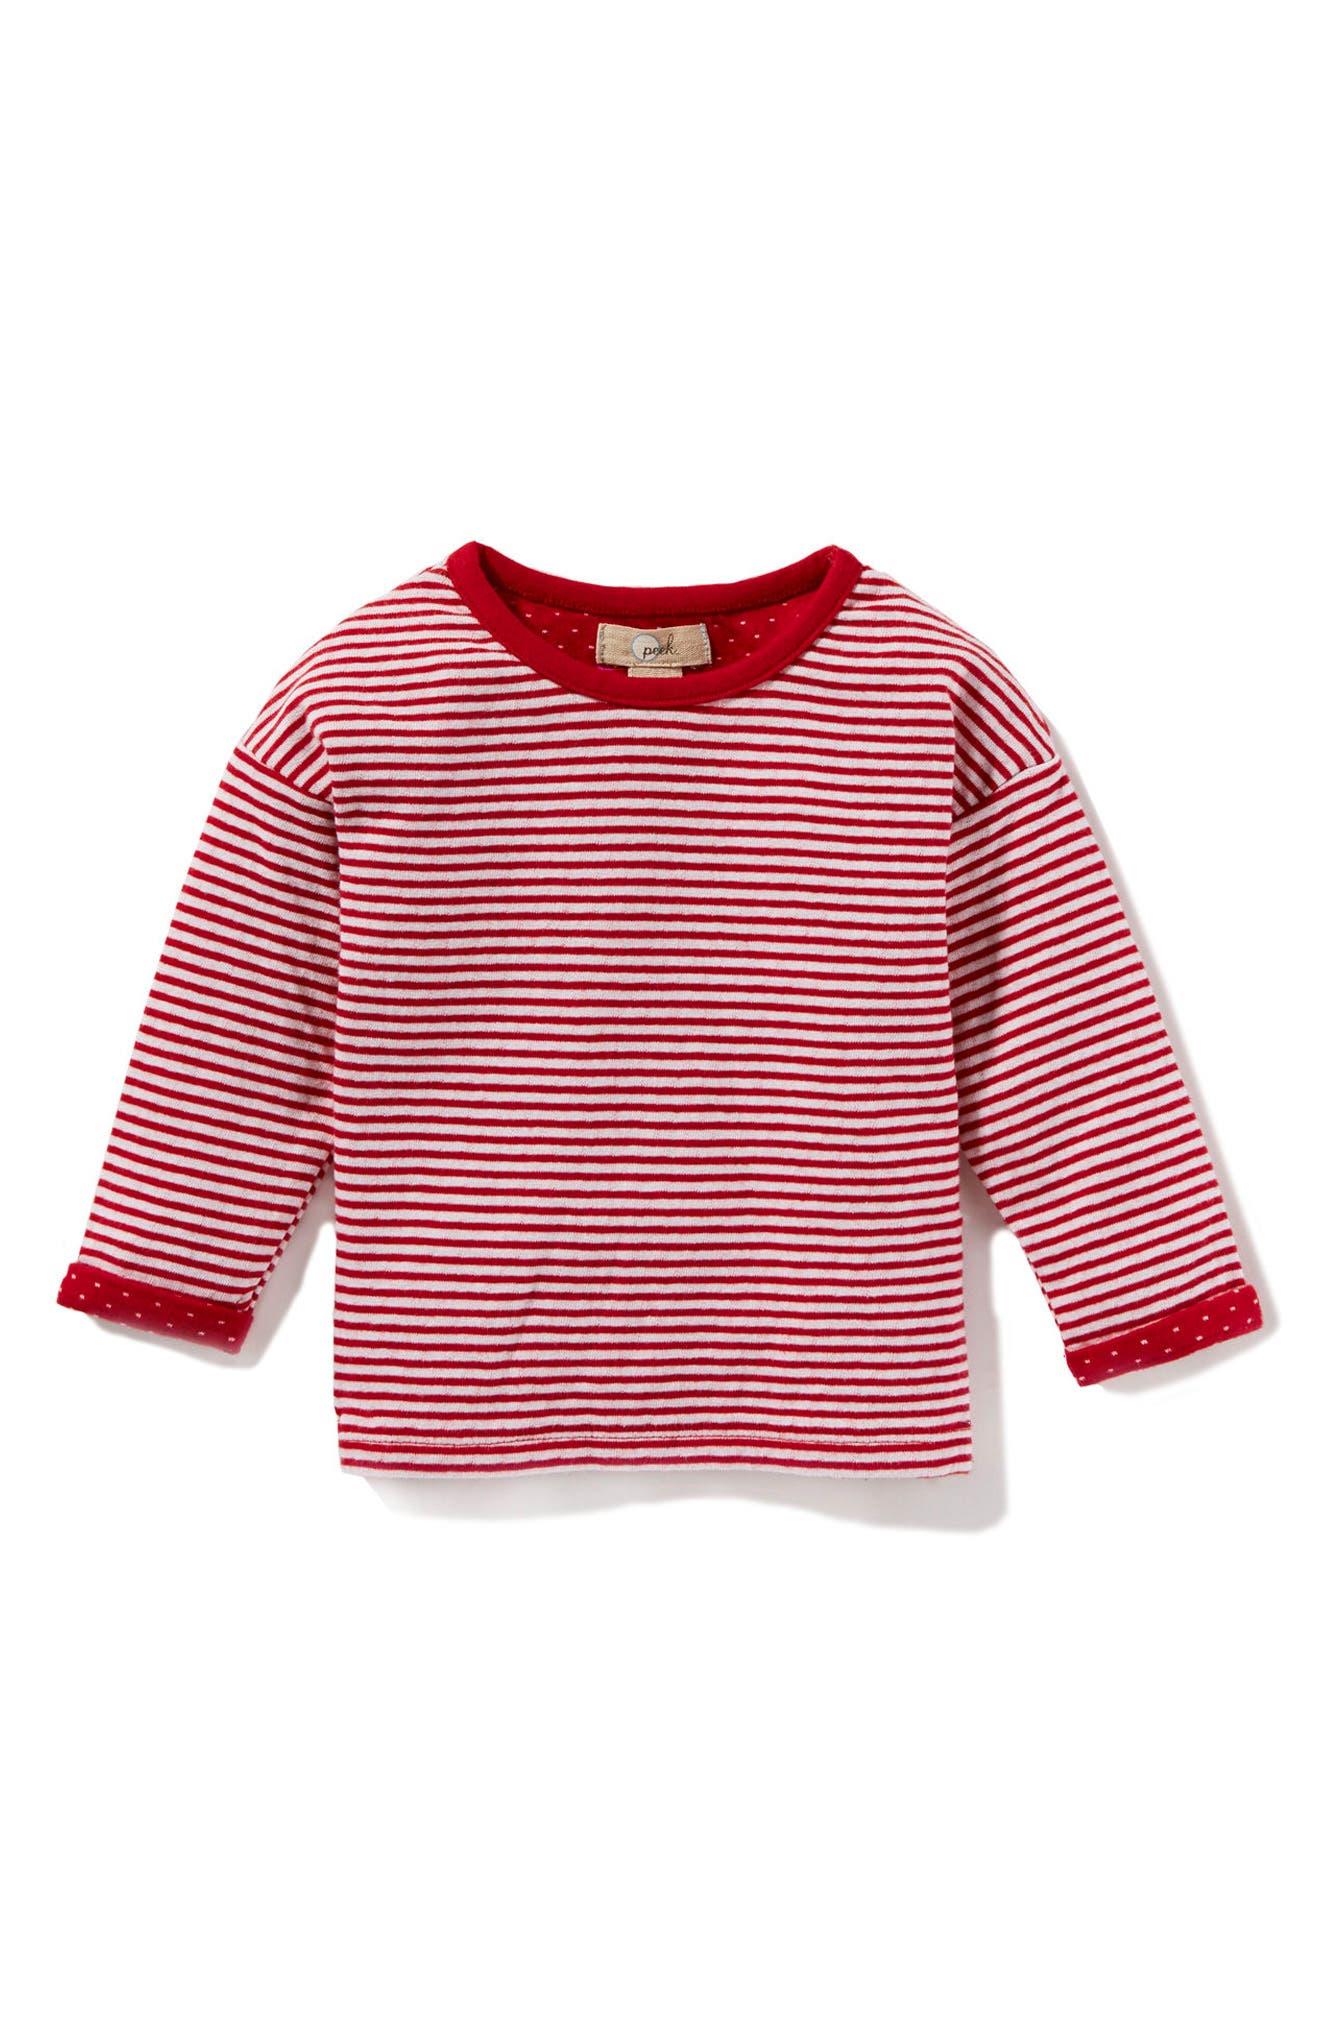 Peek Marley Stripe Tee (Baby Girls)